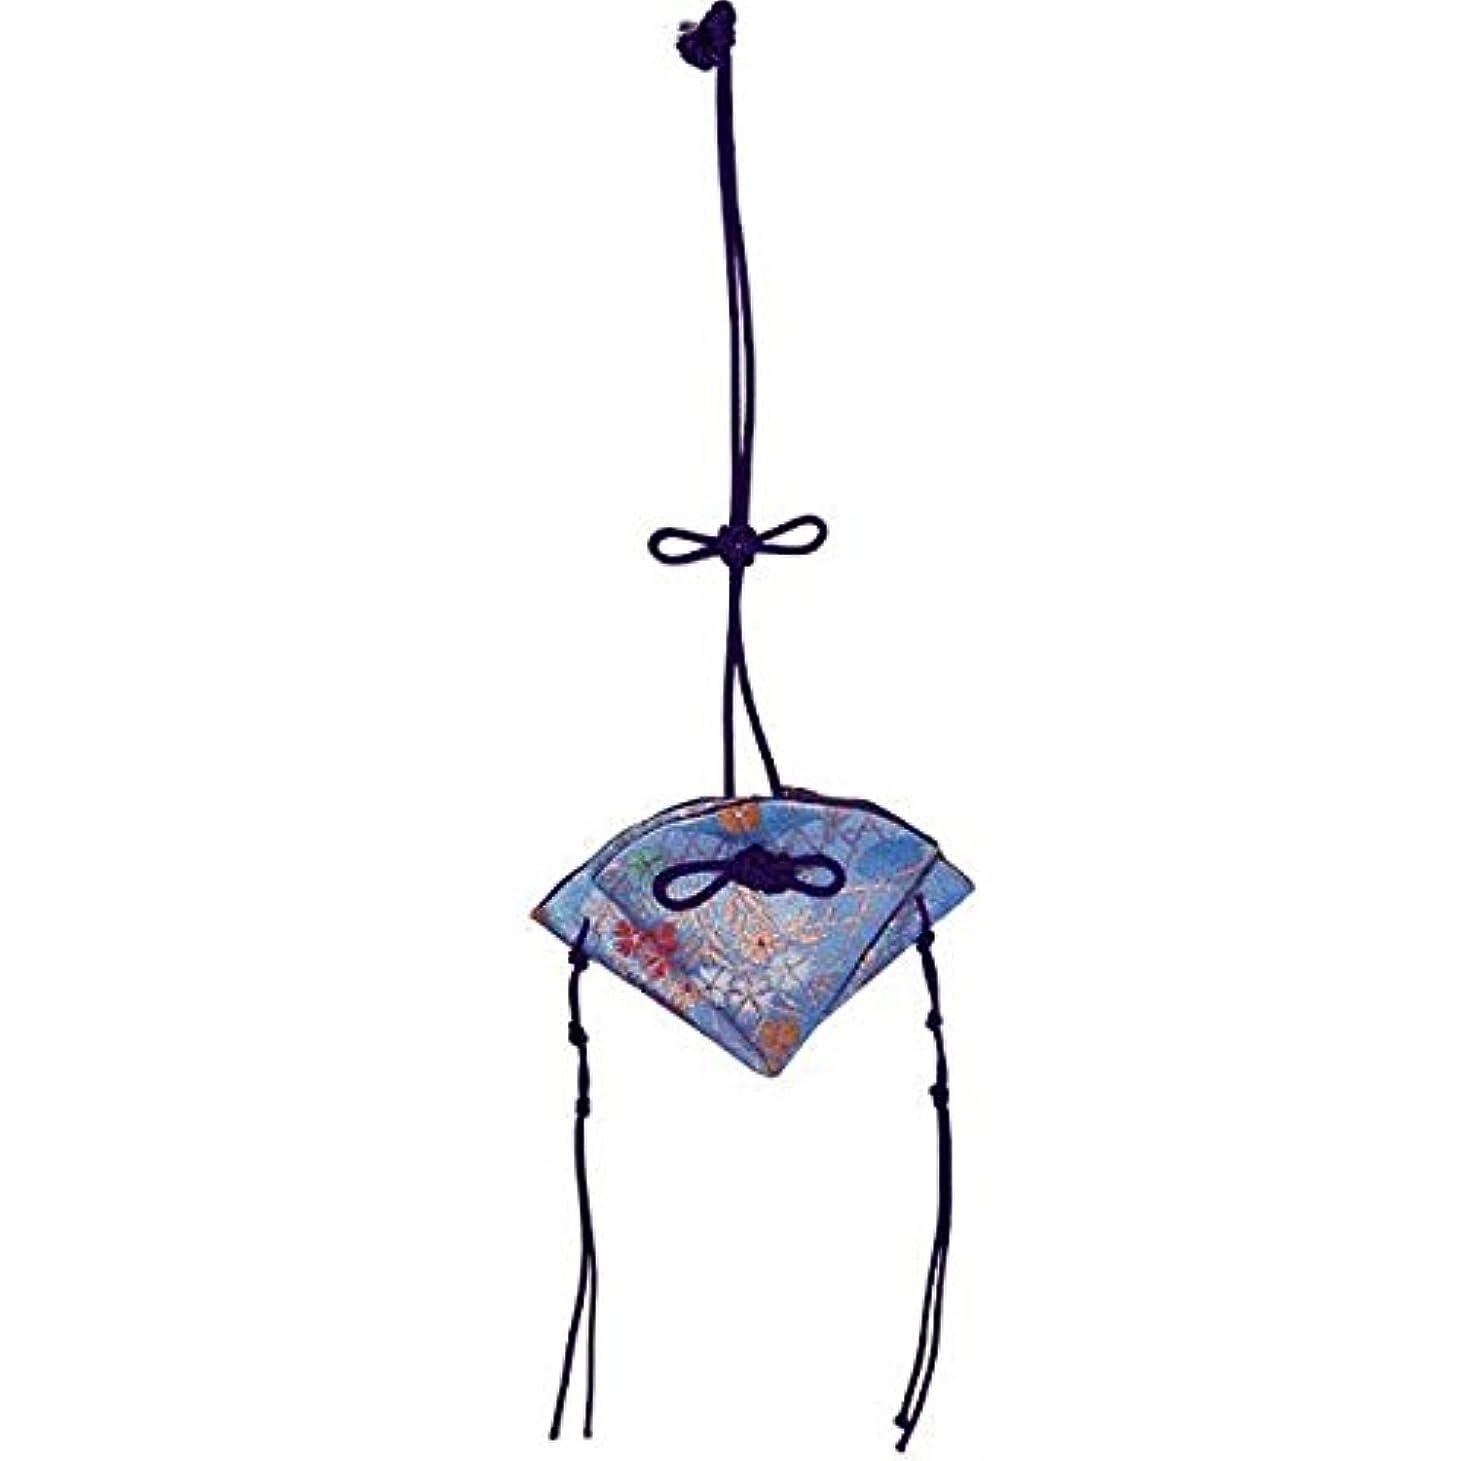 マーチャンダイザー宣言するジャベスウィルソン掛香 扇 撫子 水色(紫紐)